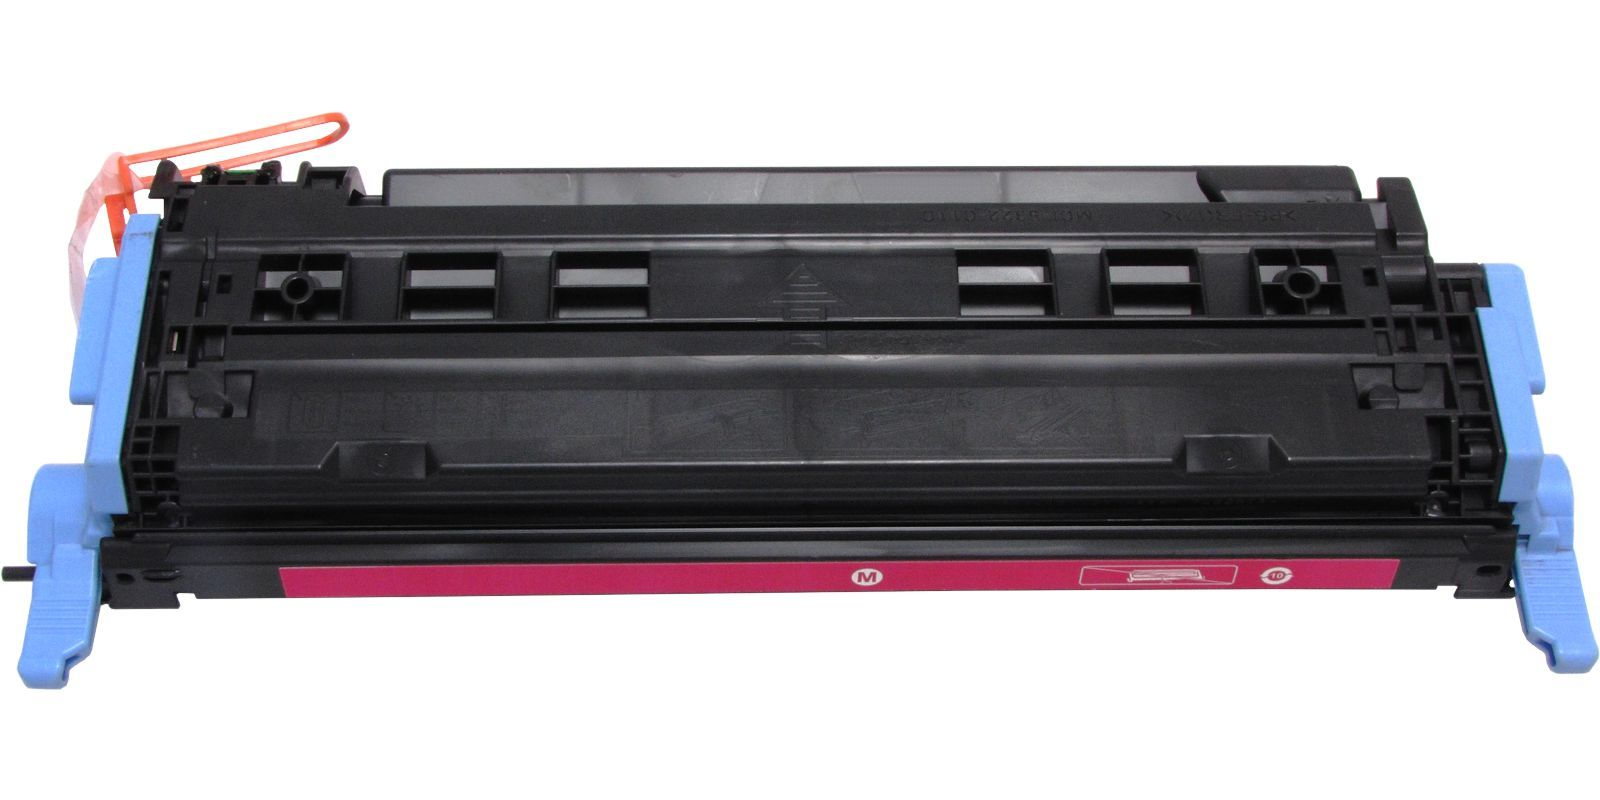 Картридж лазерный цветной MAK© 124A Q6003A CARTRIDGE-307/707/107 пурпурный (magenta).